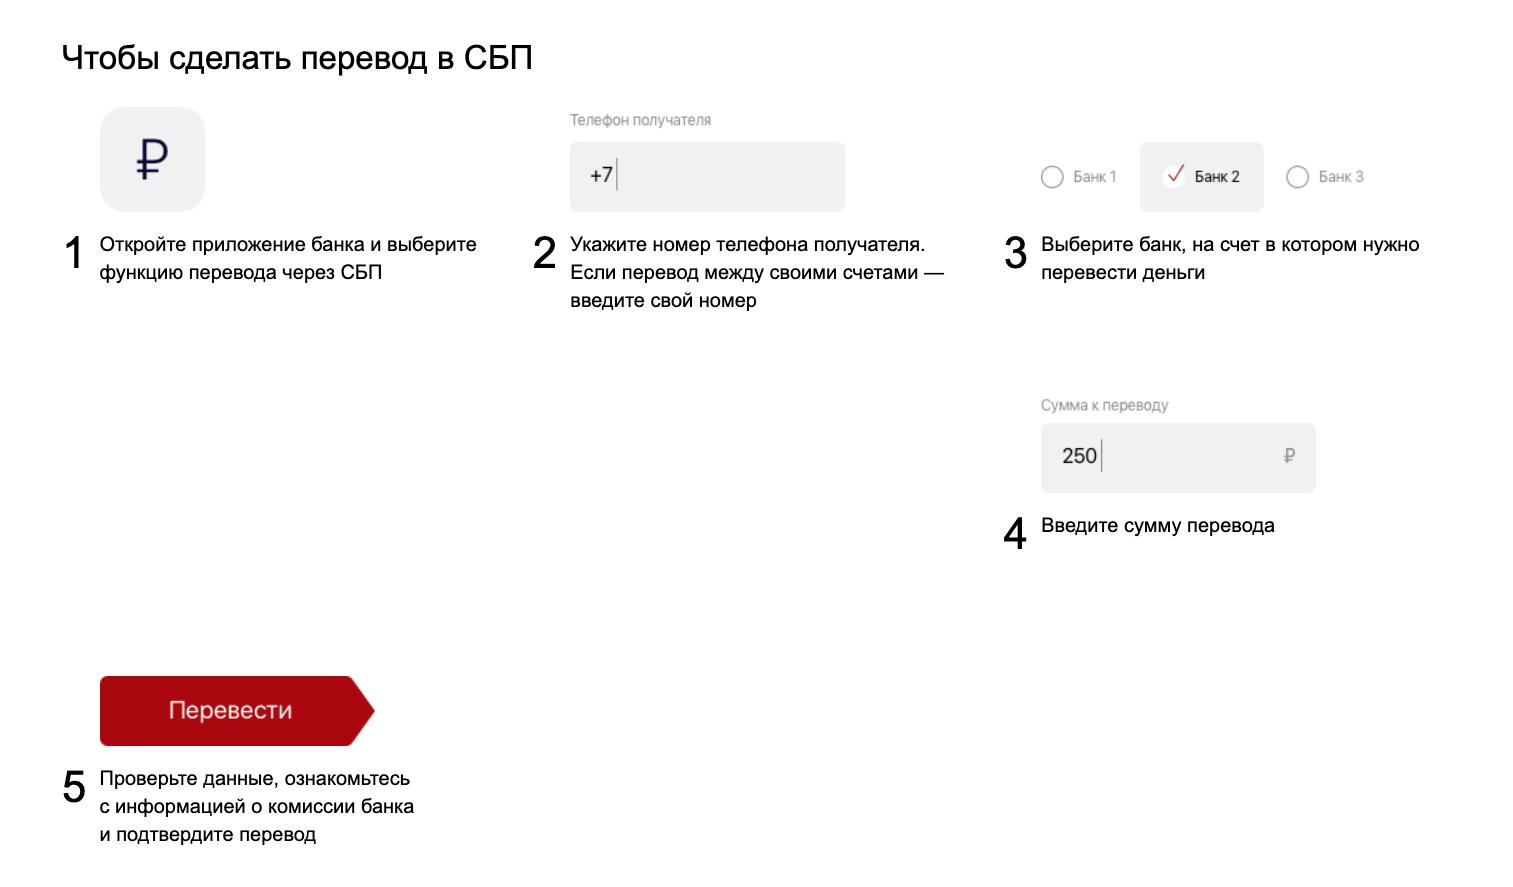 система быстрых платежей ЦБ РФ